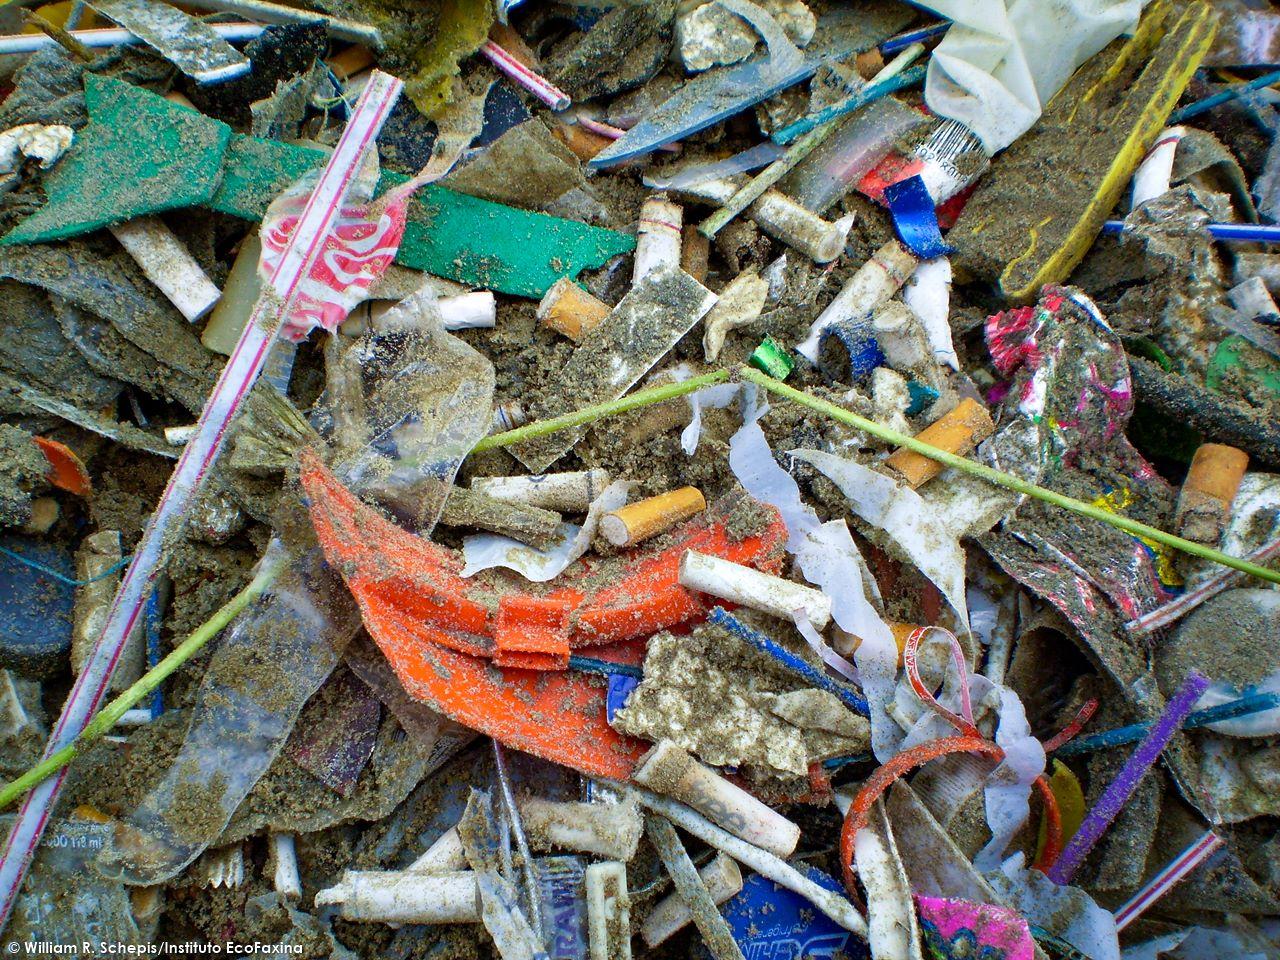 """Além do aspecto ruim que ele dá às praias da região, o microlixo causa graves prejuízos à vida marinha, transfere poluentes químicos para o ambiente e pode ser ingerido por diversas espécies, incluindo aves, peixes, tartarugas e mamíferos. """"Nanolixo"""" - Novos estudos mostram que partículas submicroscópicas de plástico, observadas somente através de microscópio eletrônico, representam uma ameaça de poluição até então desconhecida."""